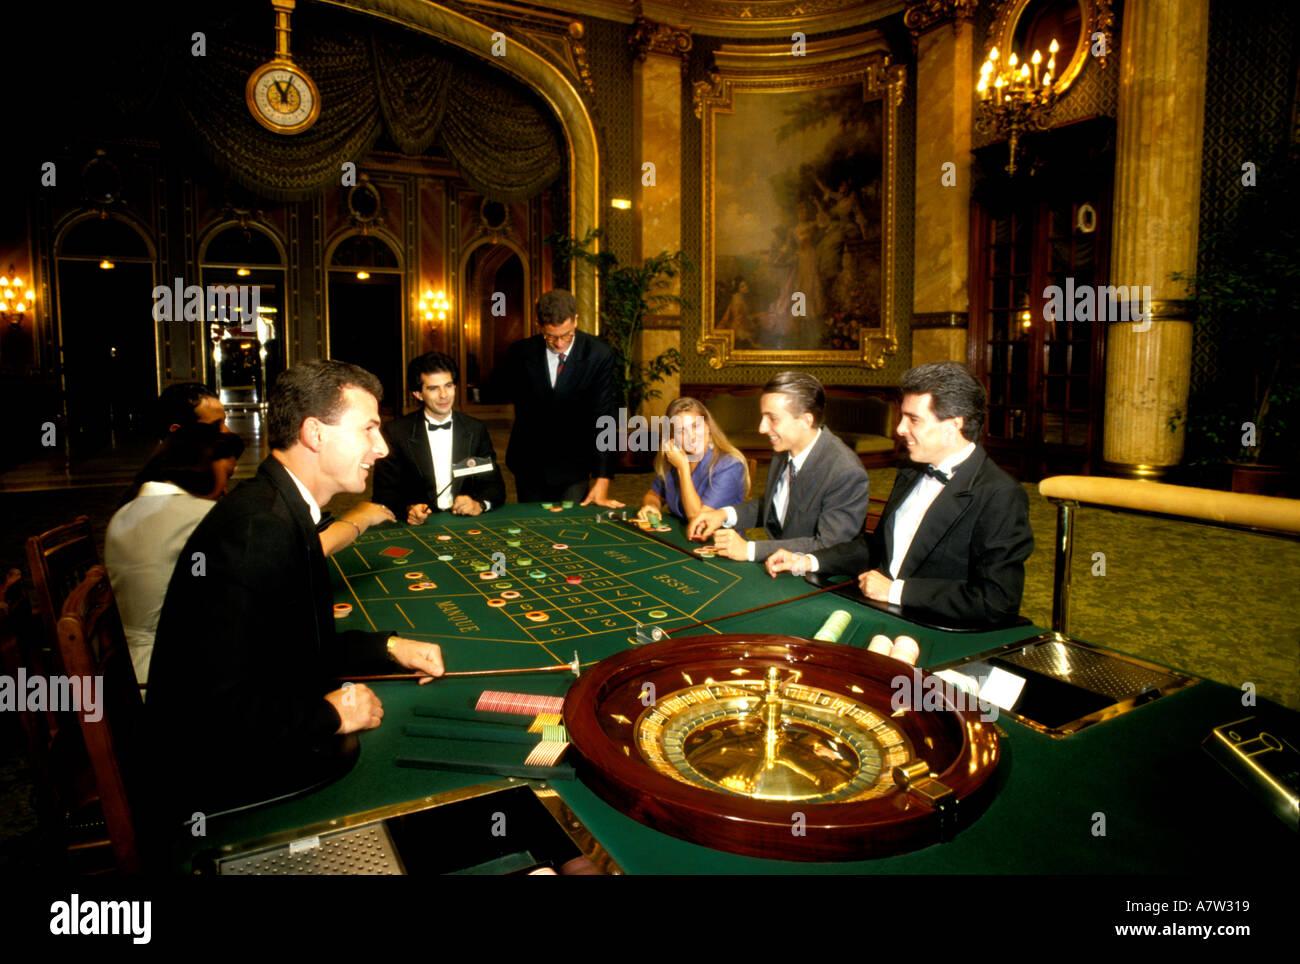 Monte Carlo - 908064